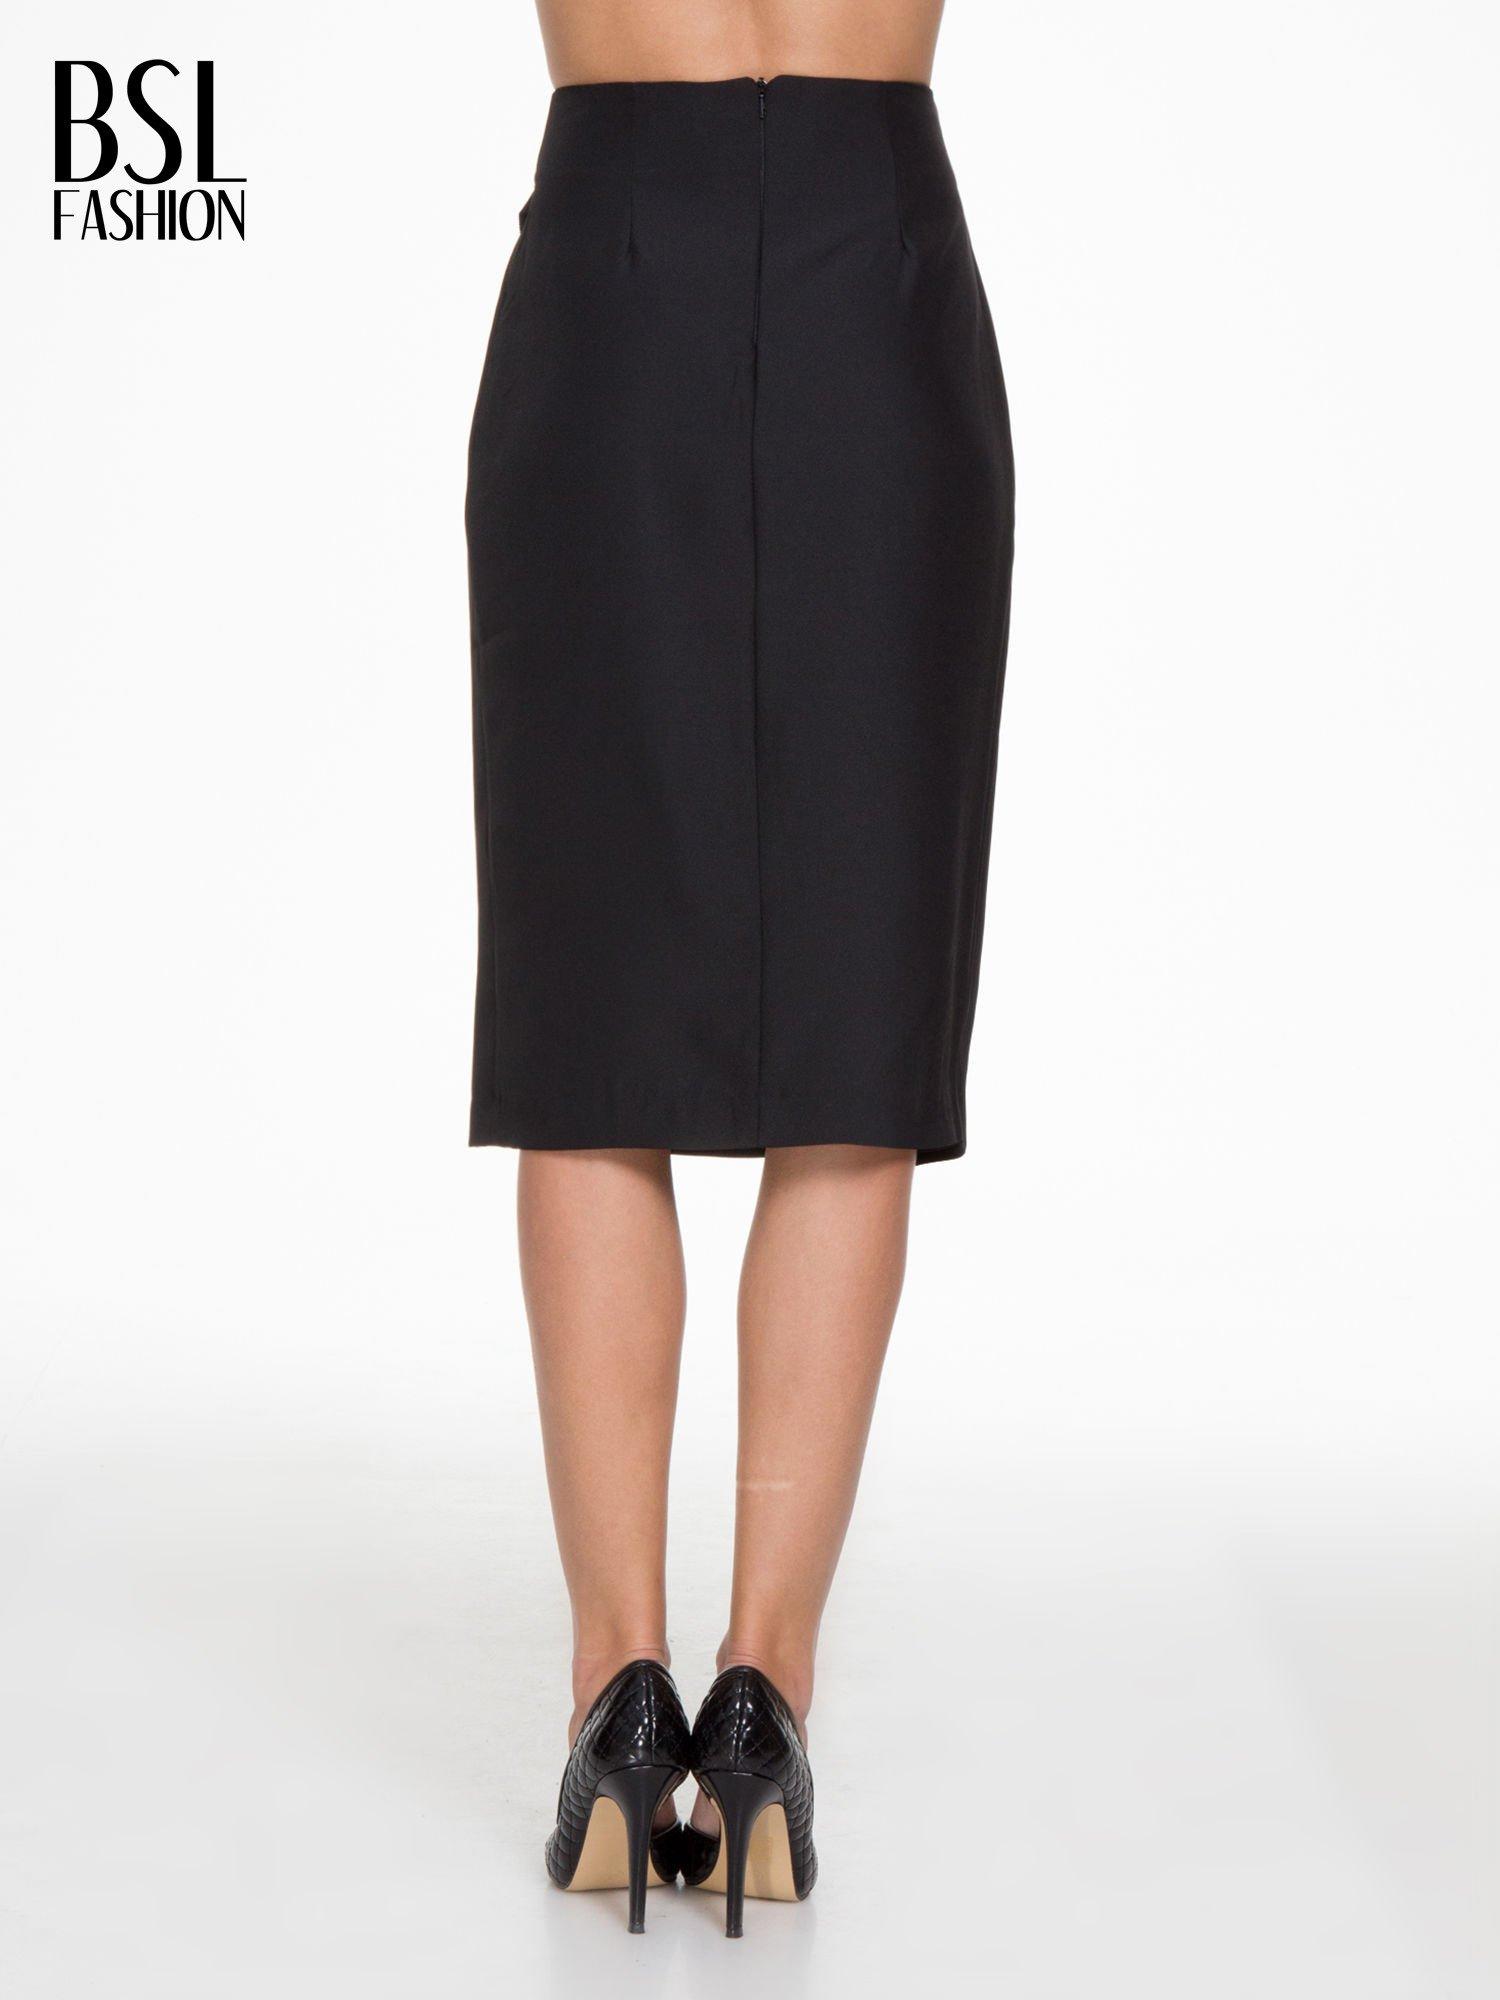 Czarna ołówkowa spódnica z zakładkami i skórzanym pasem                                  zdj.                                  4